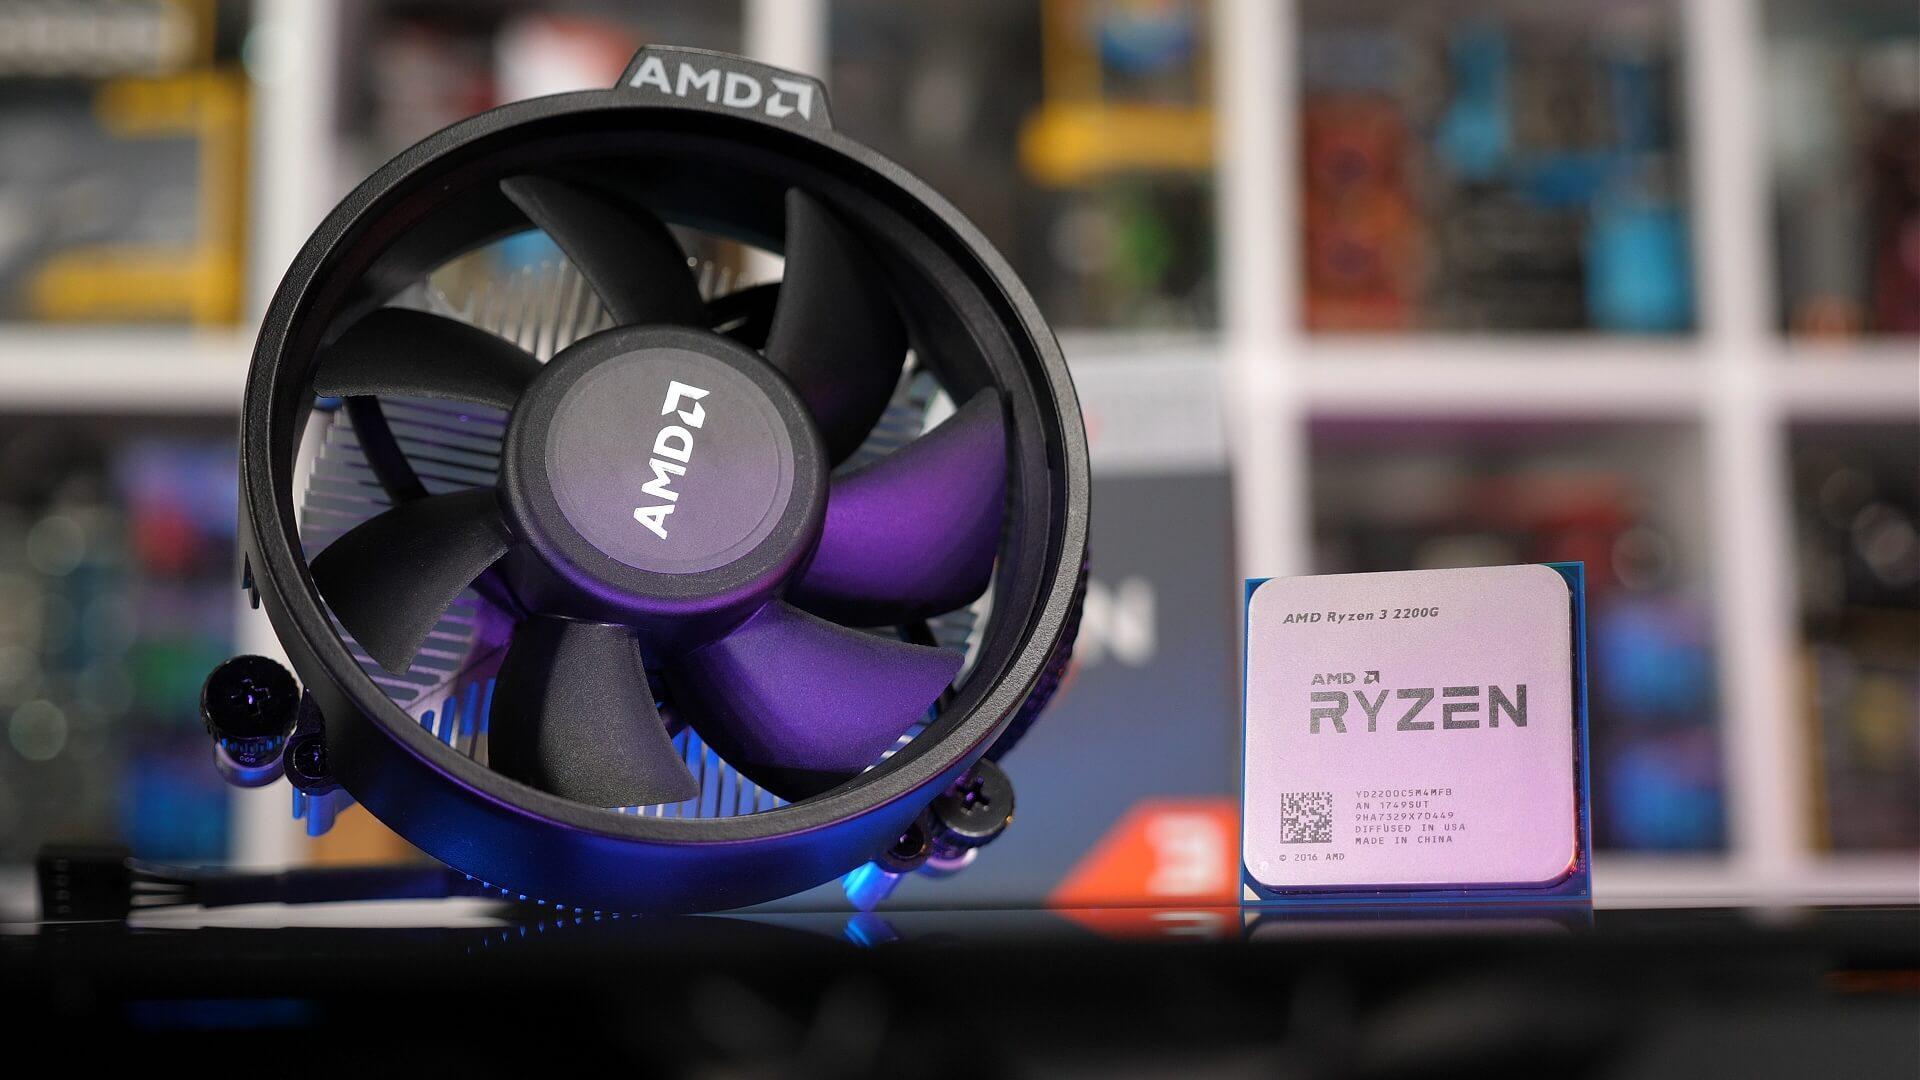 Графический процессор Ryzen + Vega на чипе: AMD Ryzen 5 2400G & Ryzen 3 2200G Обзор